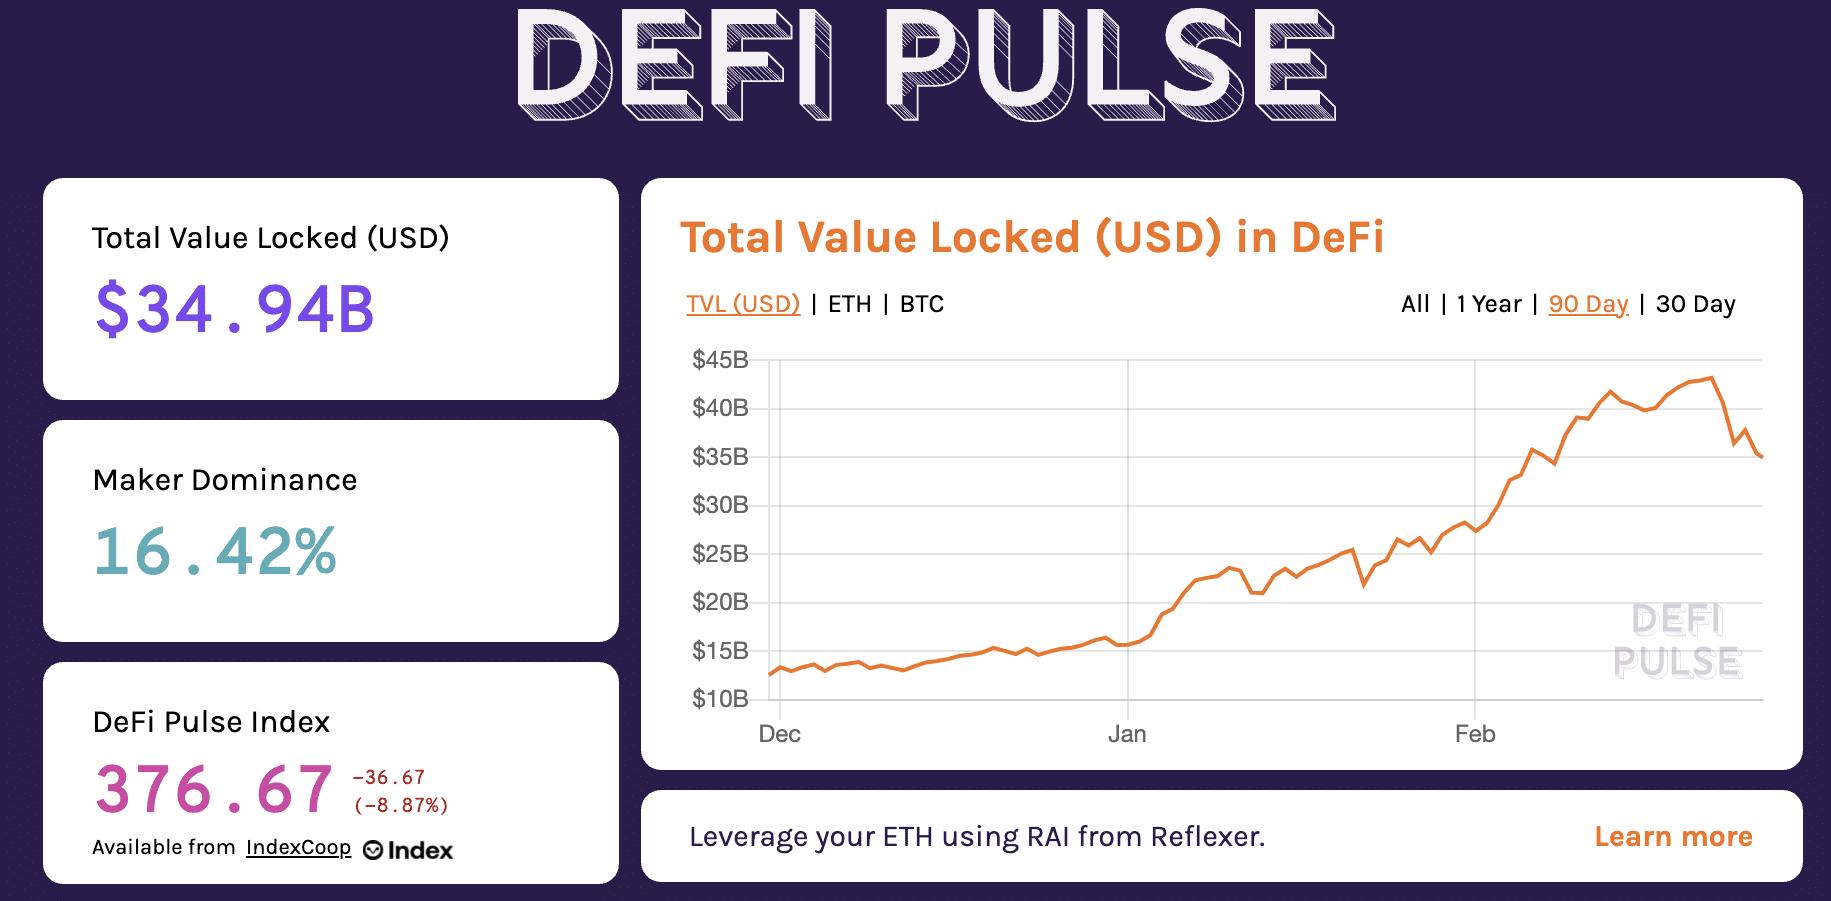 260221-DeFiPulse